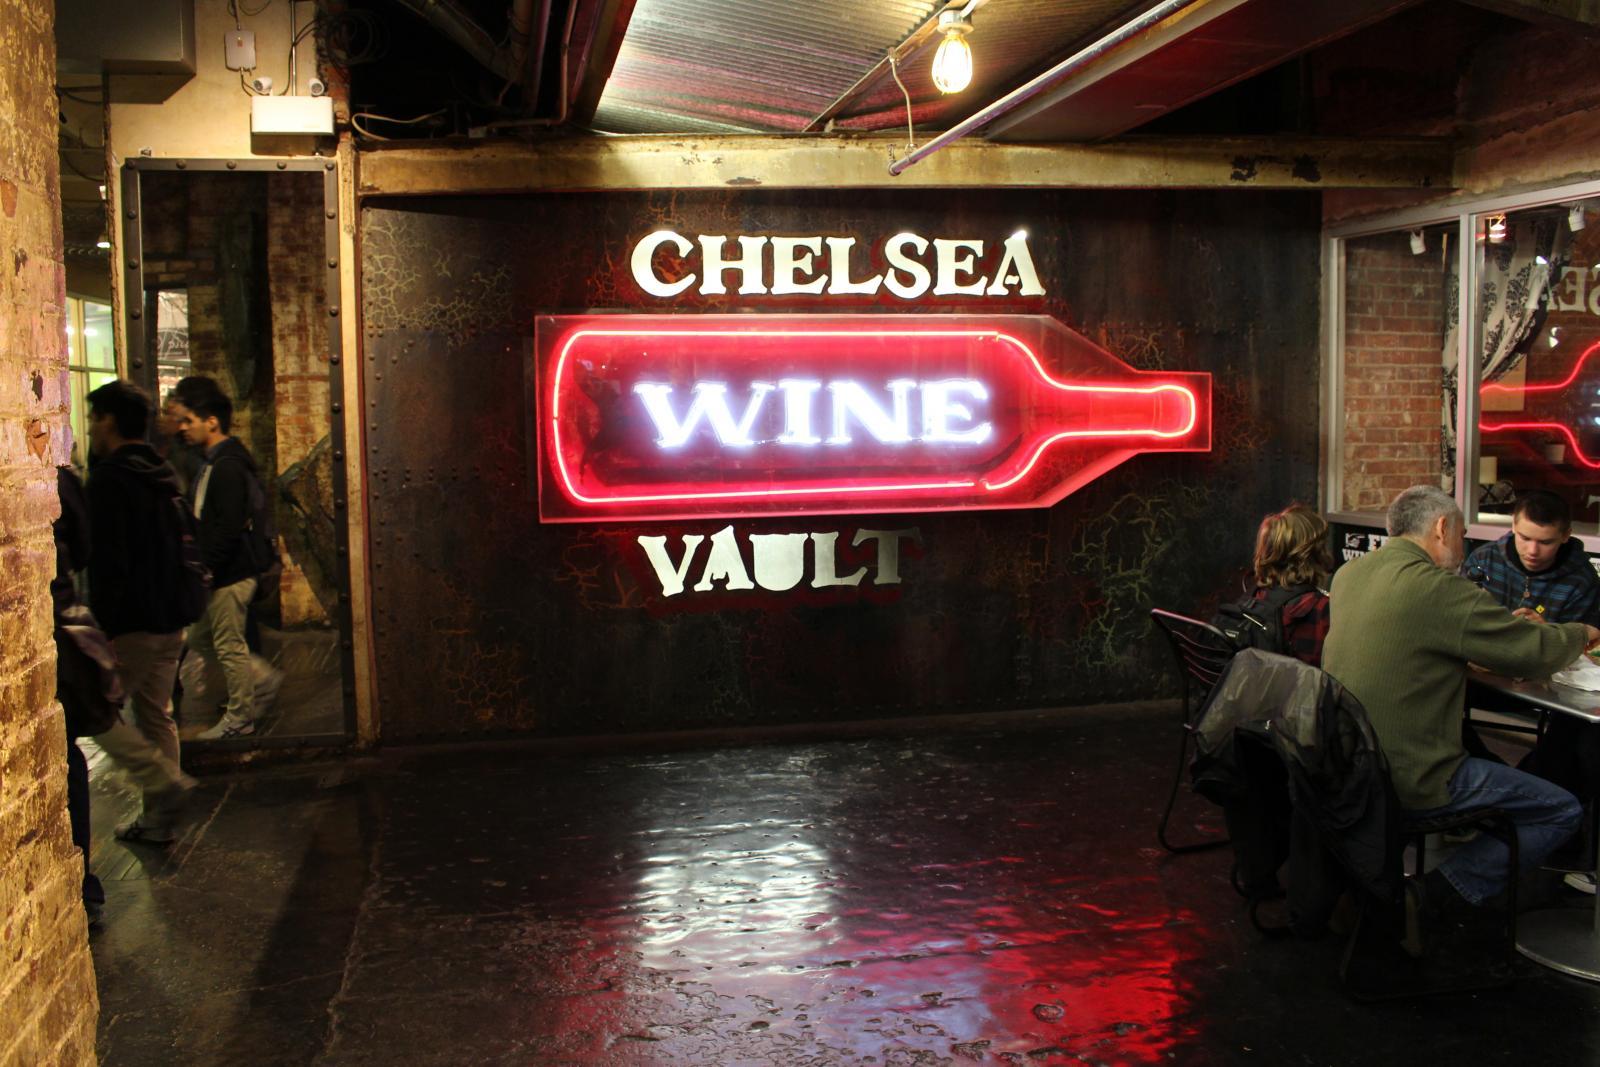 Chelsea Market puesto de vino